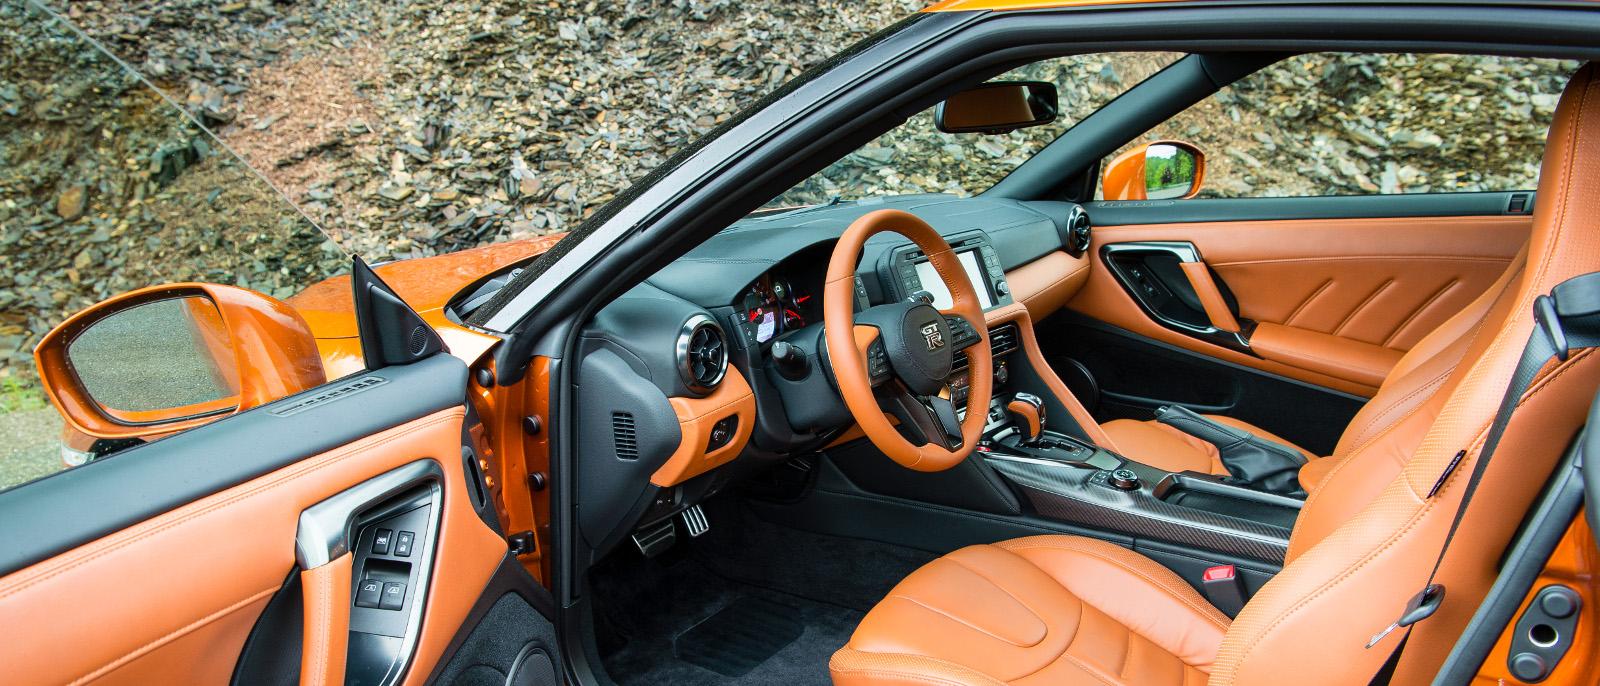 2017 Nissan GT-R Premium Interior